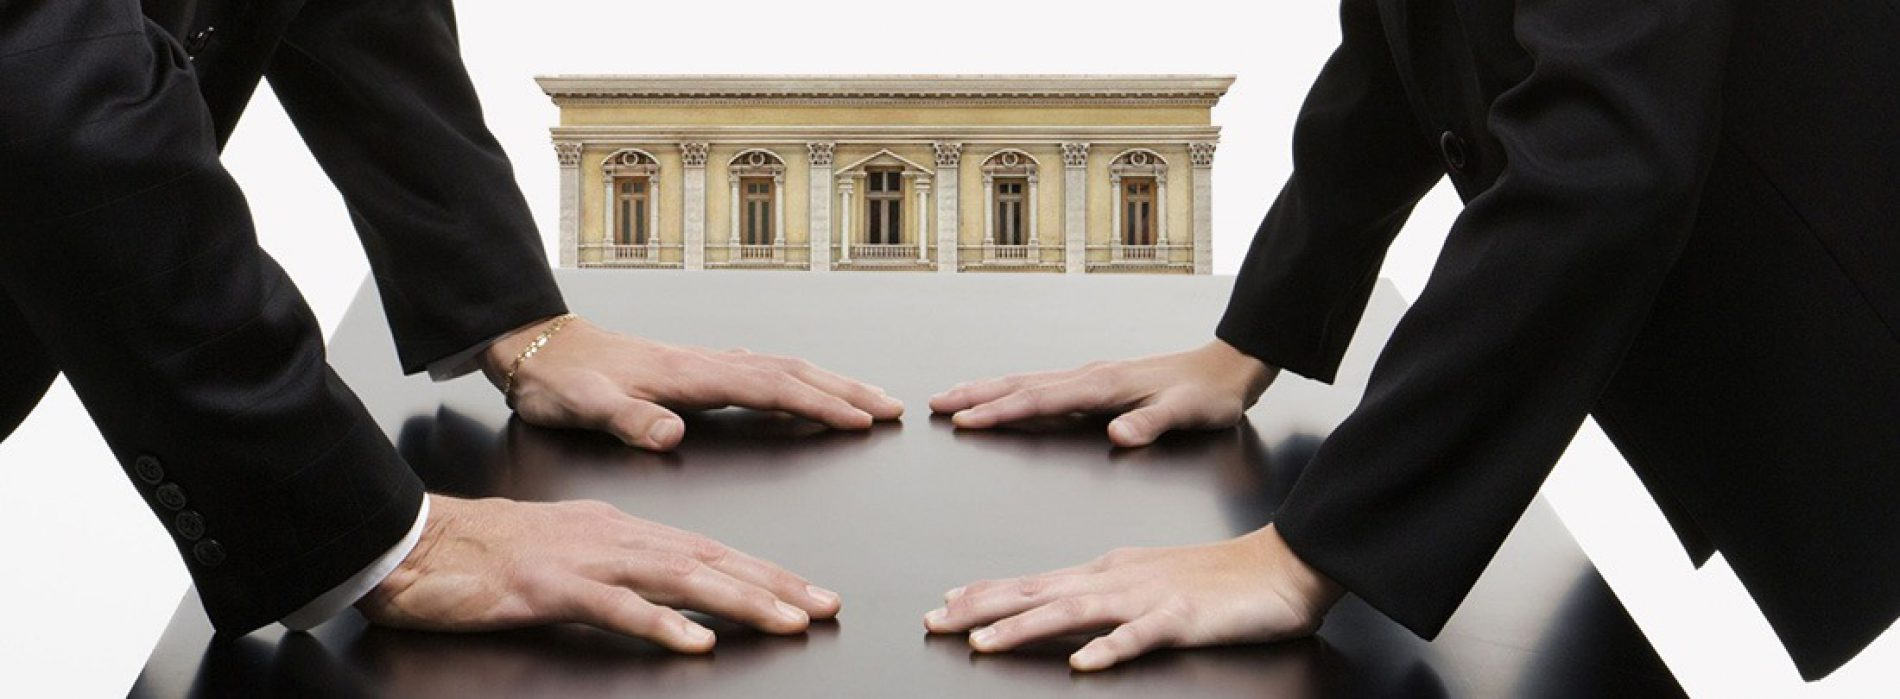 Scontro fra architetti e ingegneri sulla direzione dei lavori negli edifici storici